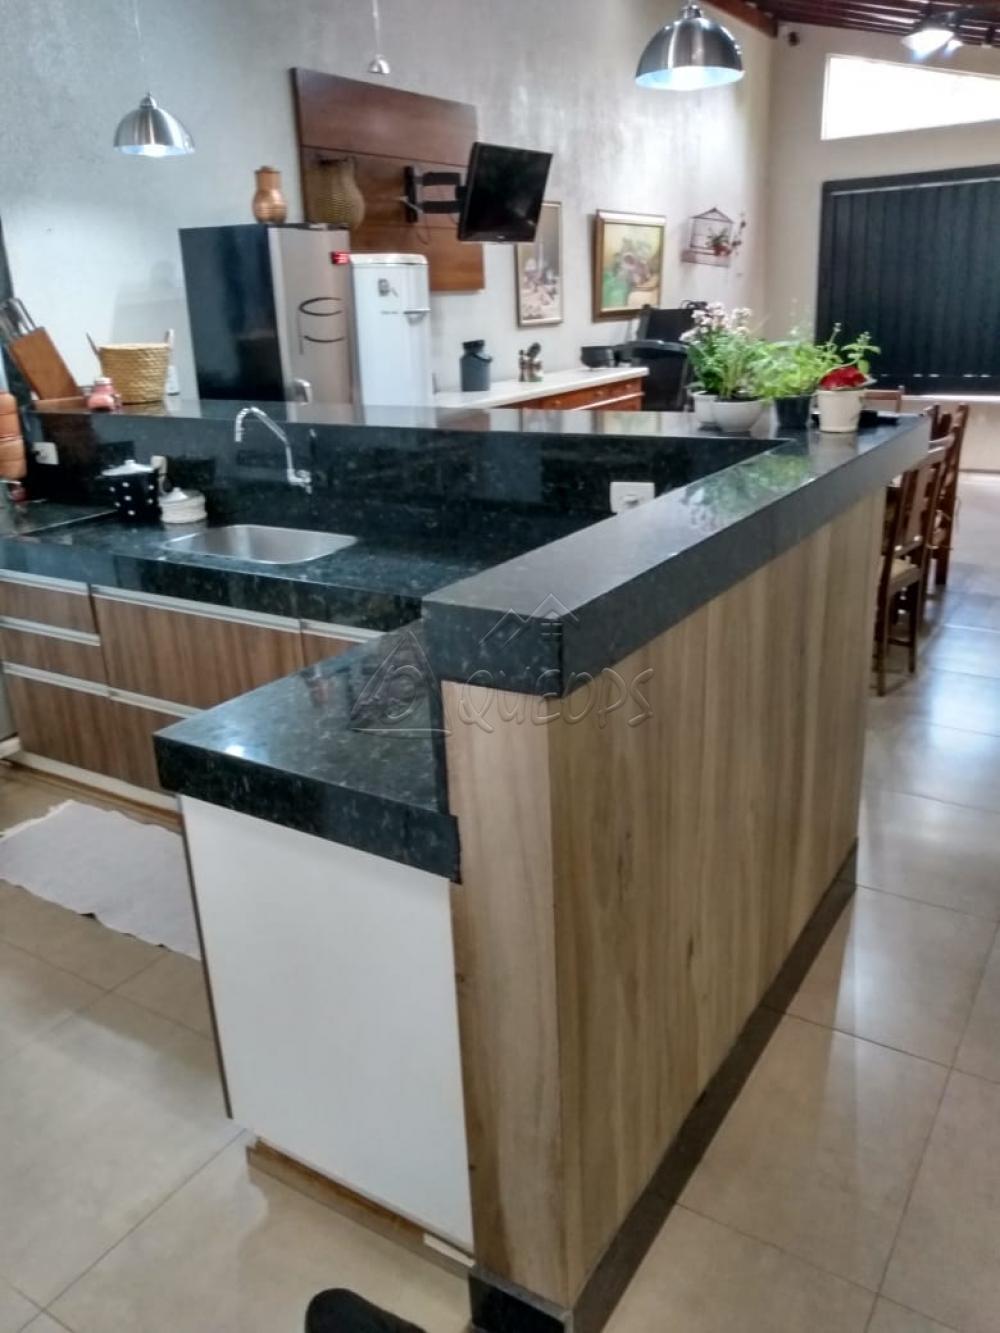 Comprar Casa / Padrão em Barretos apenas R$ 500.000,00 - Foto 31